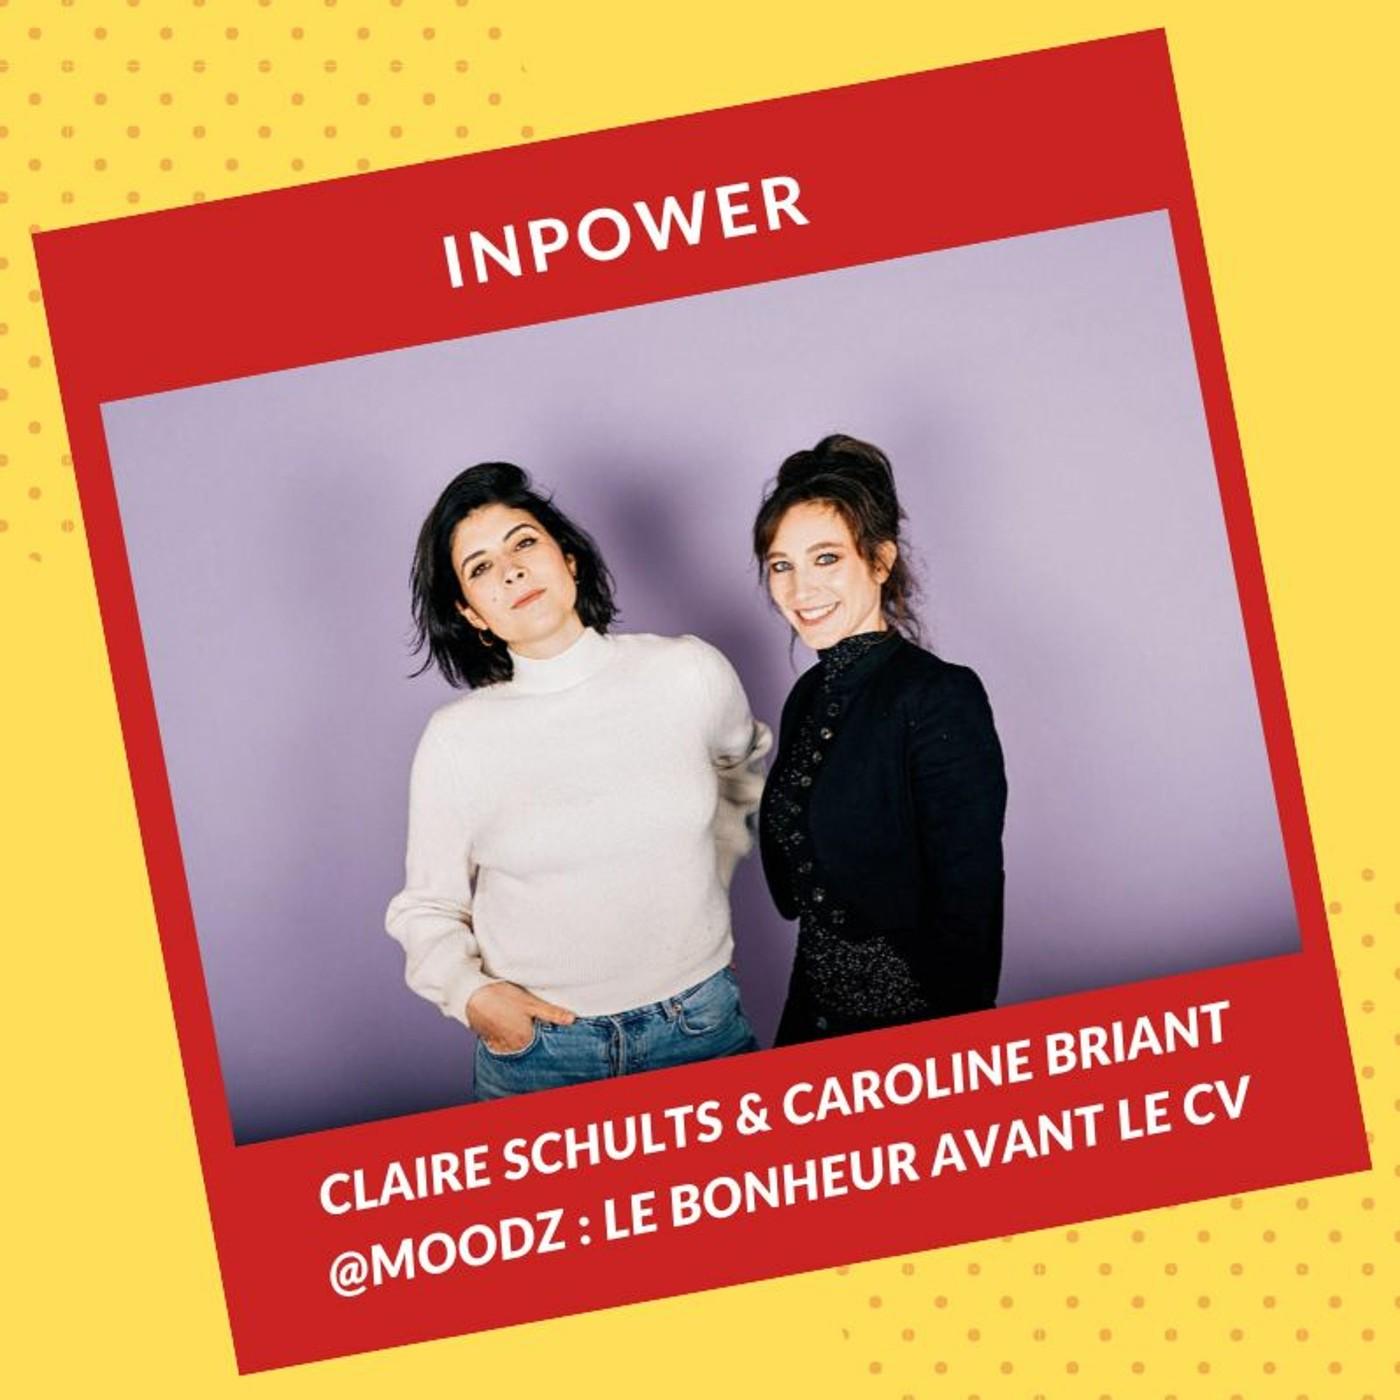 Claire et Caroline, fondatrices de Moodz - Le bonheur avant le CV